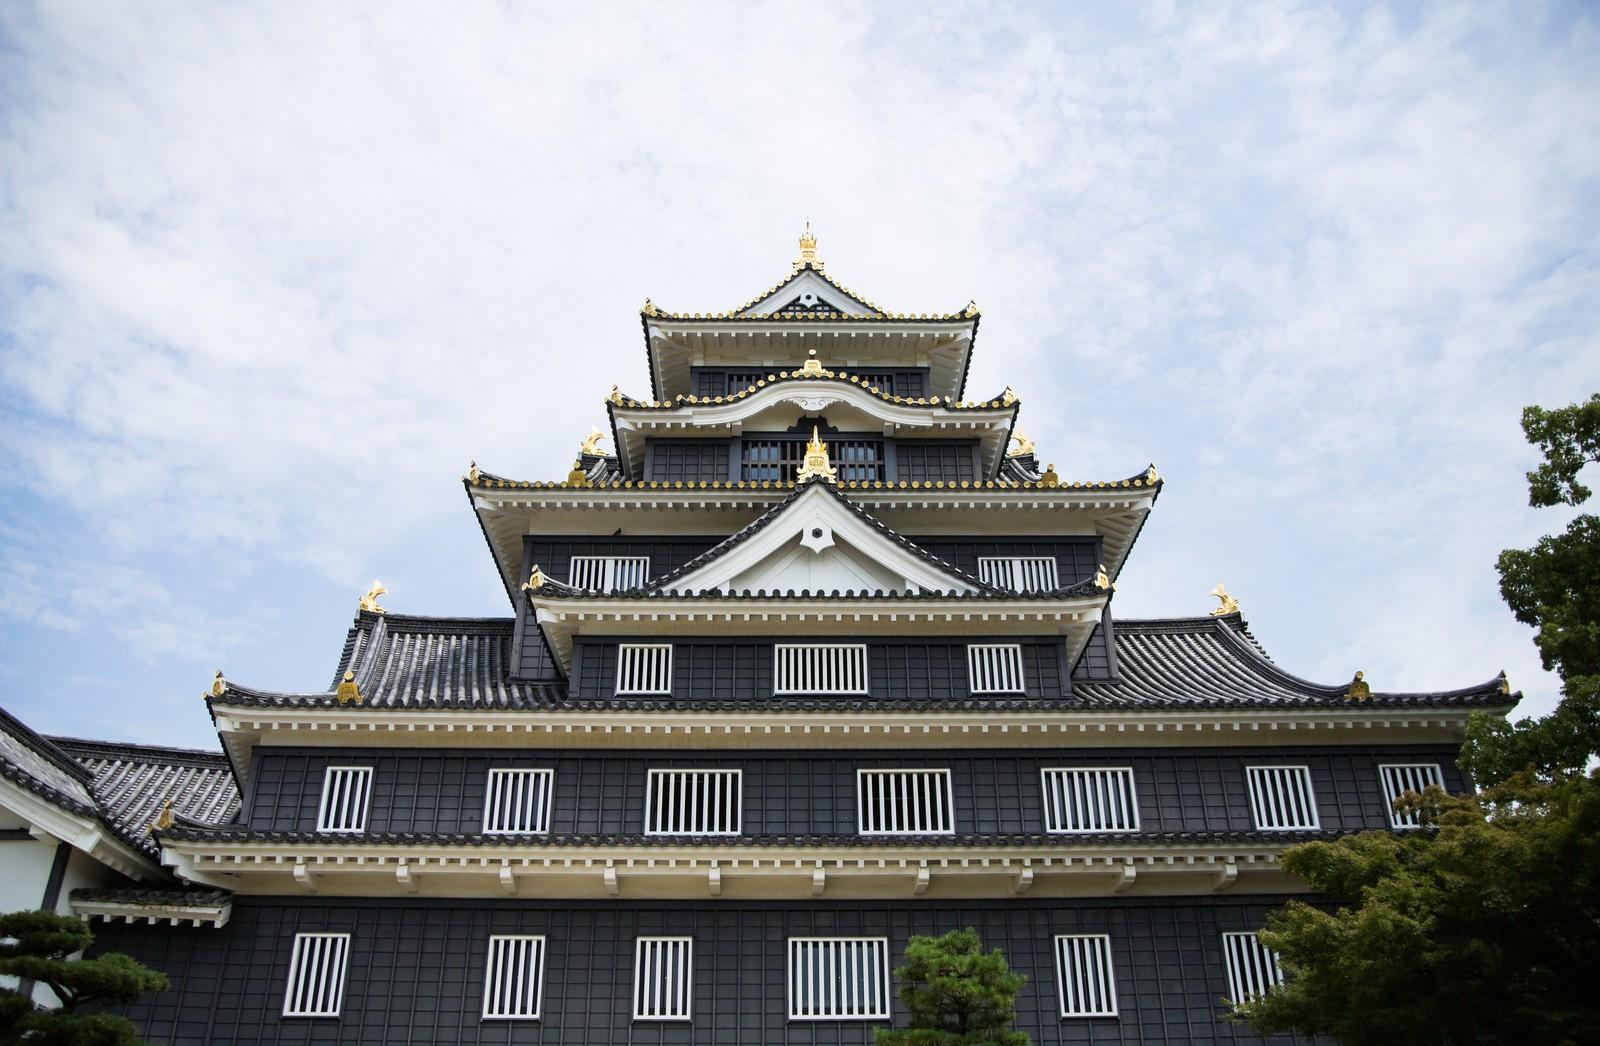 明日5月18日(金)の名古屋城のお知らせでござるよ!